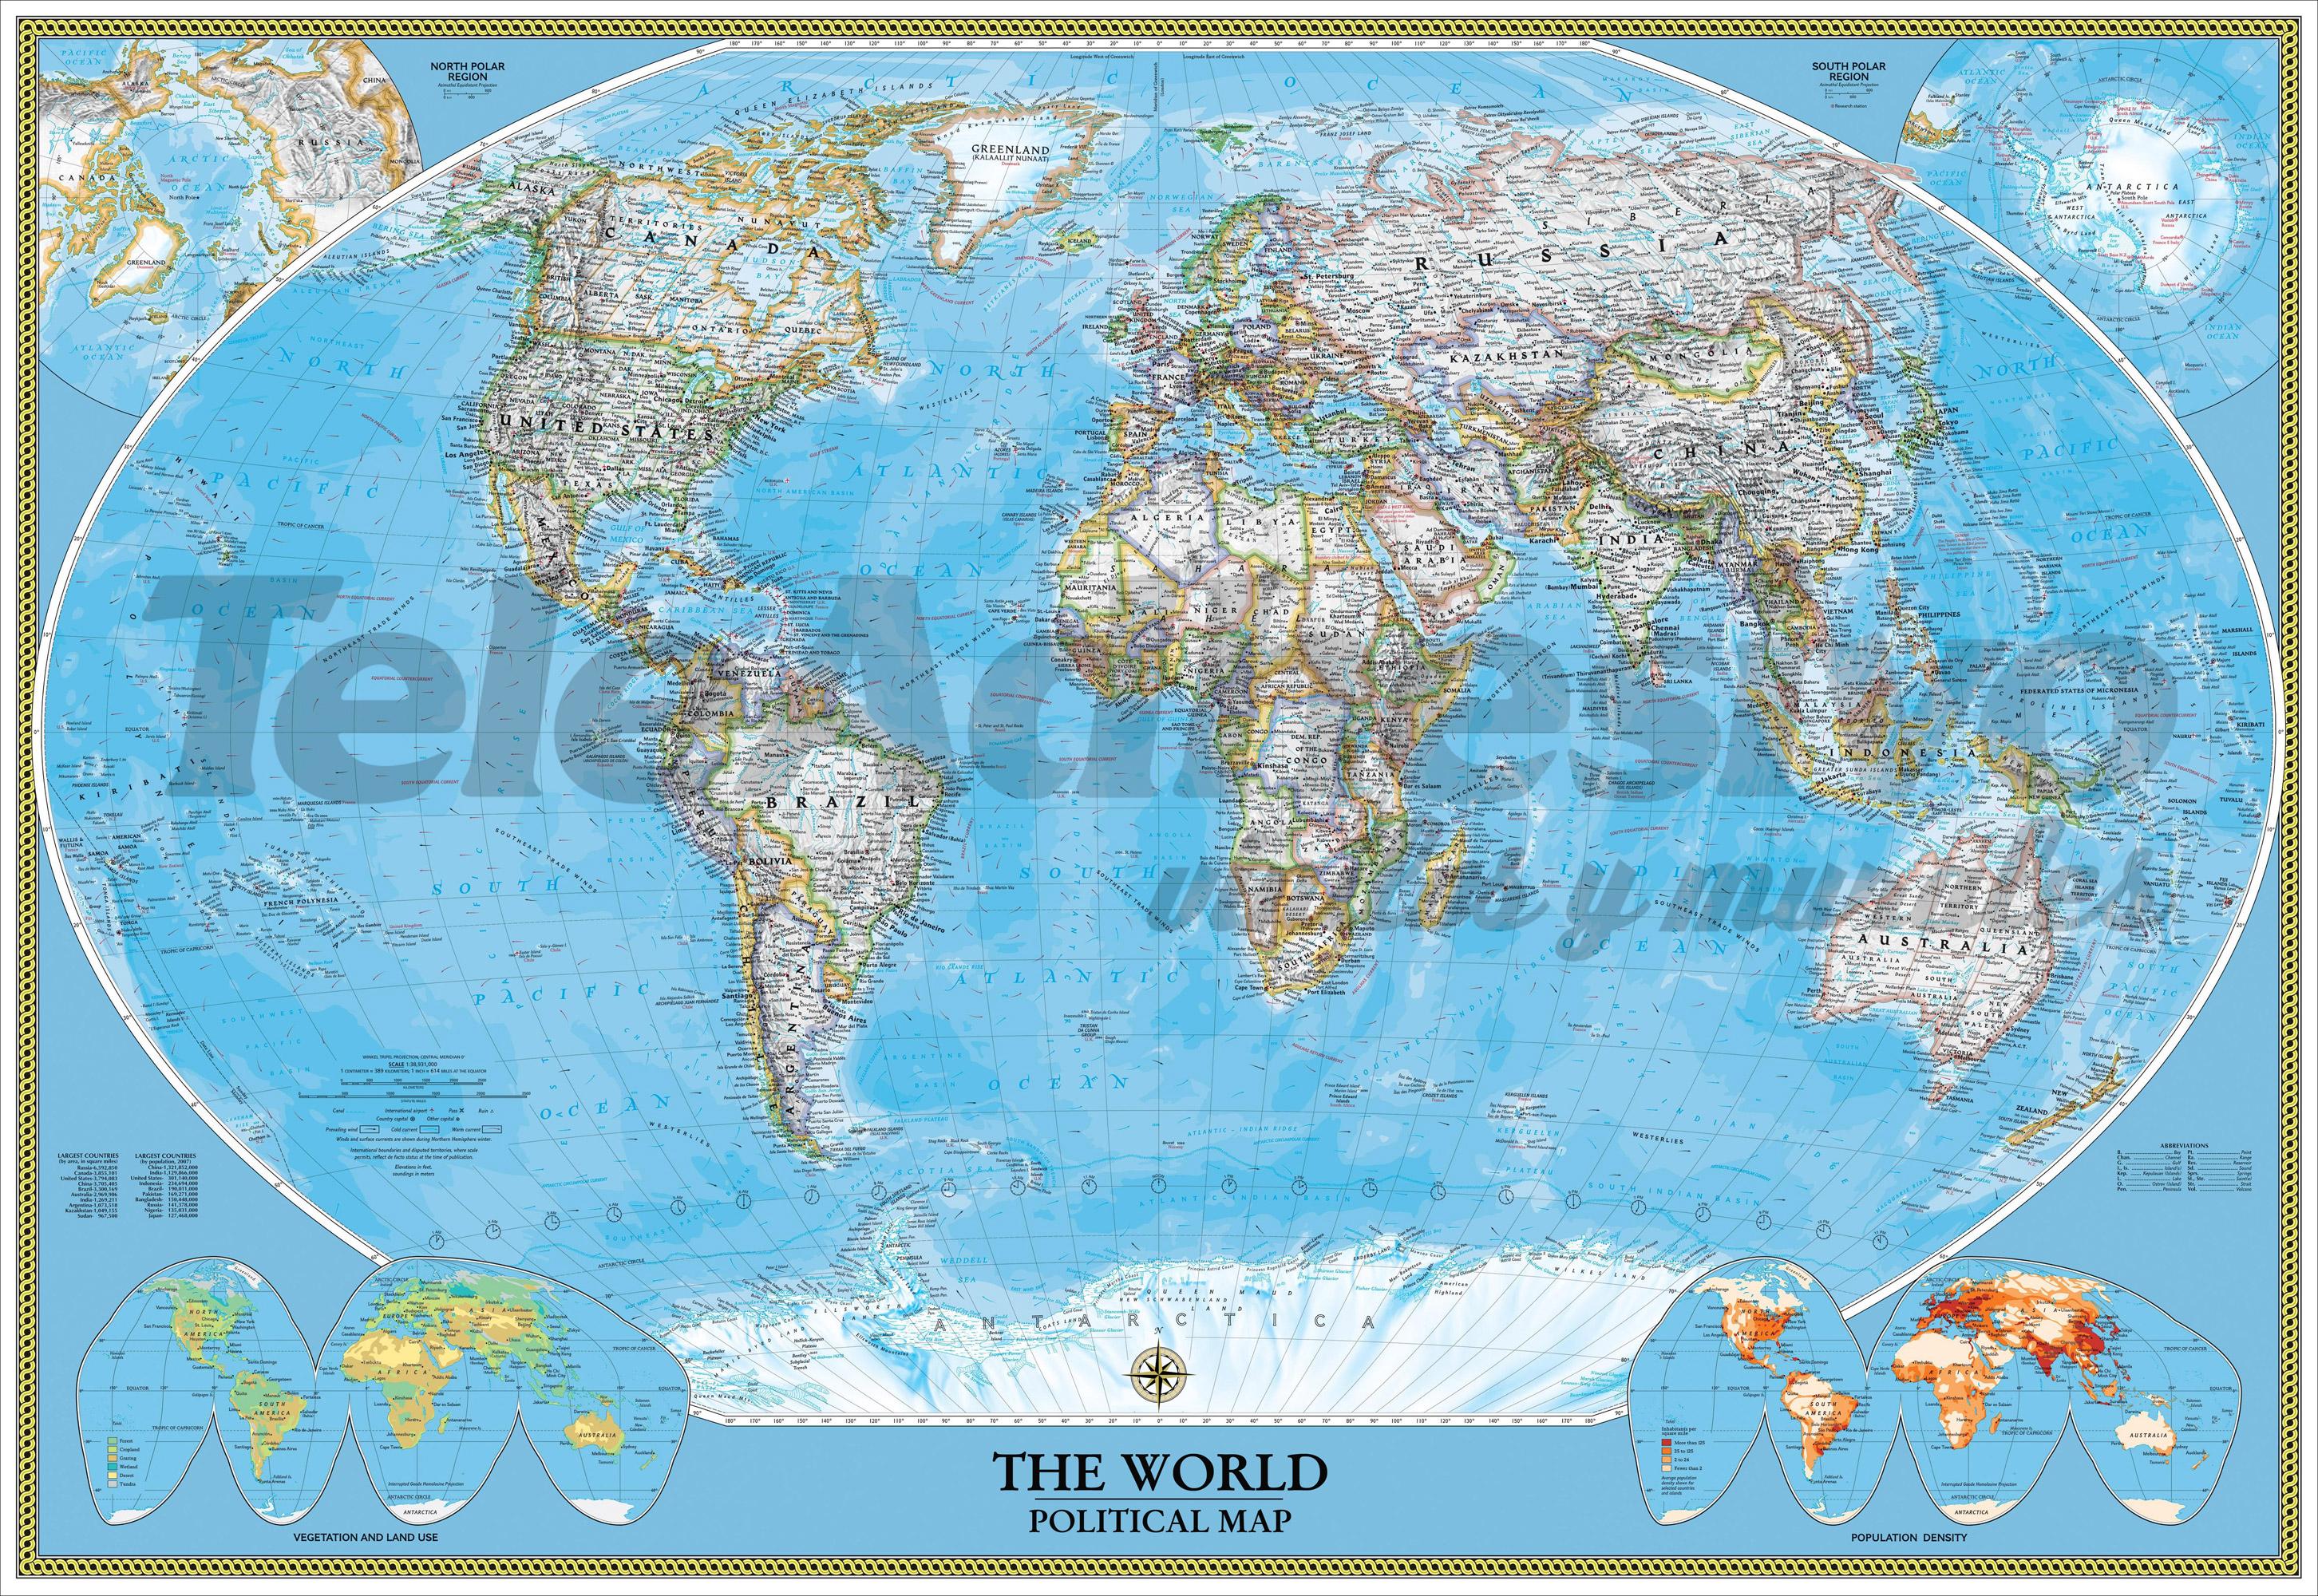 Fototapeten: World Polical Map